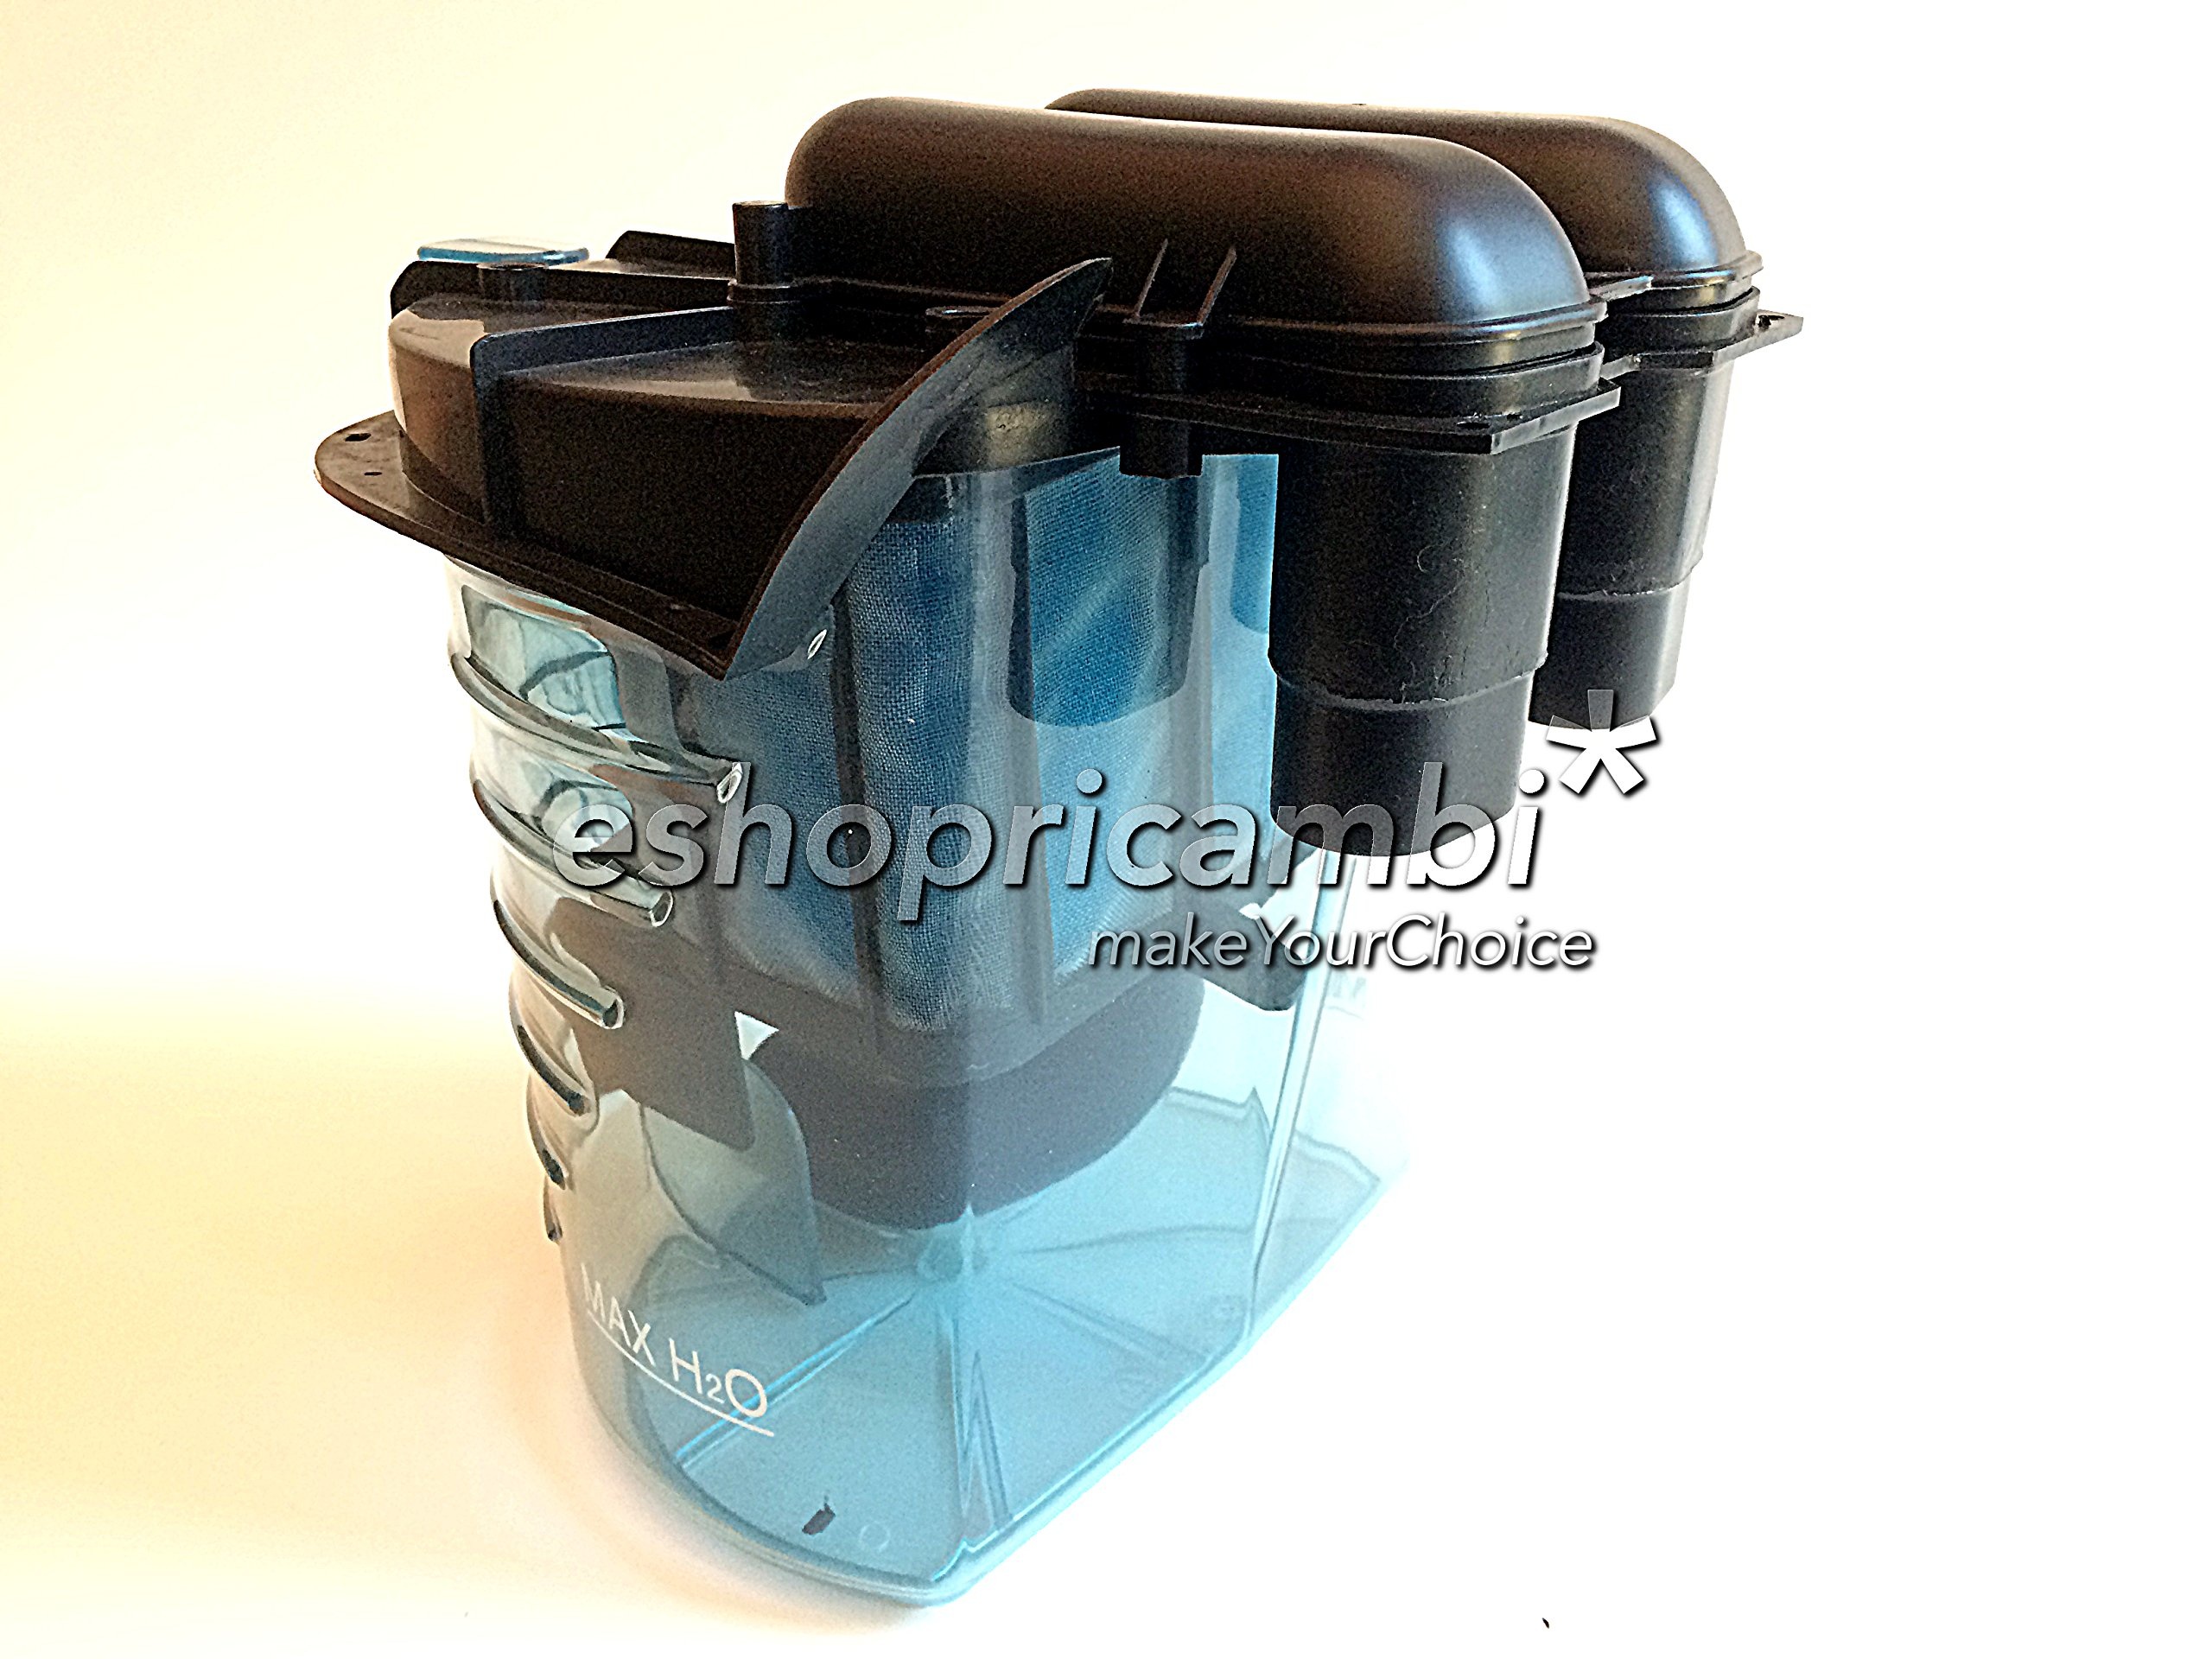 Cubo + Grupo Filtro completo original para aspiradora Polti Lecologico as806: Amazon.es: Hogar